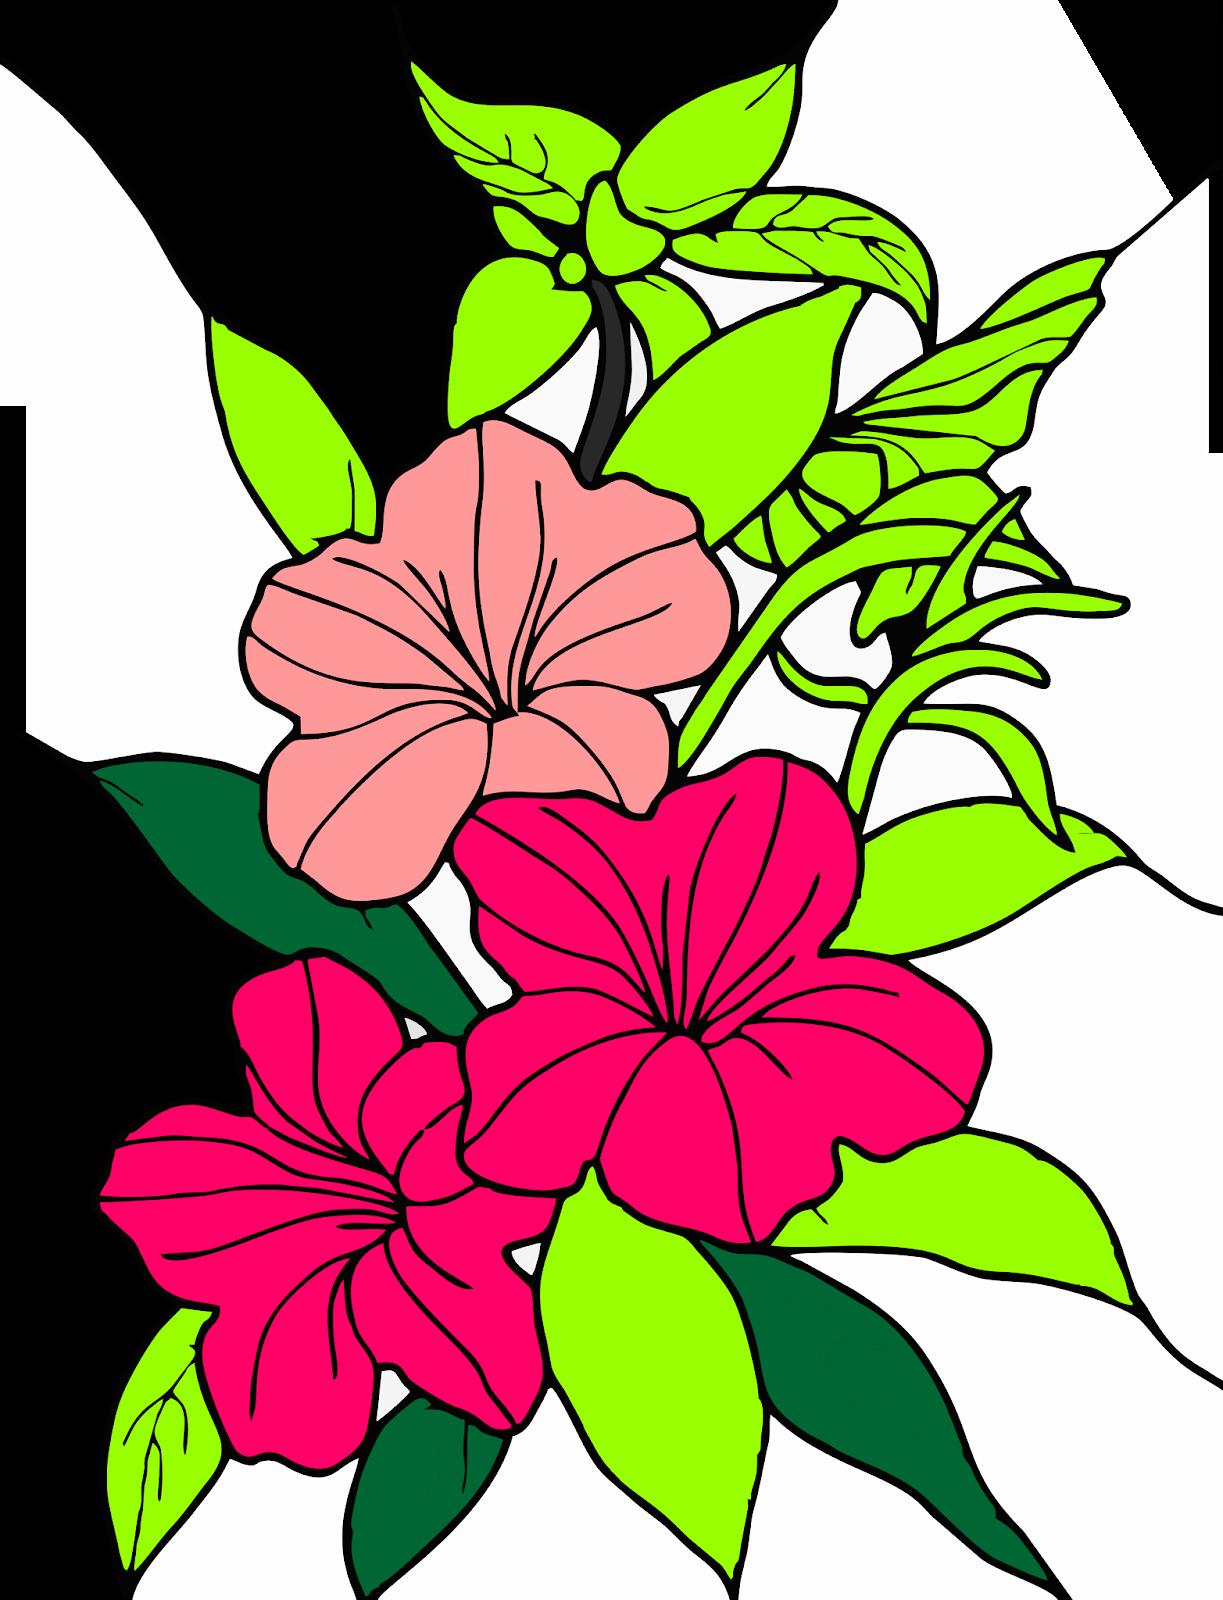 Unduh 880 Gambar Bunga Kartun Vektor HD Terbaik